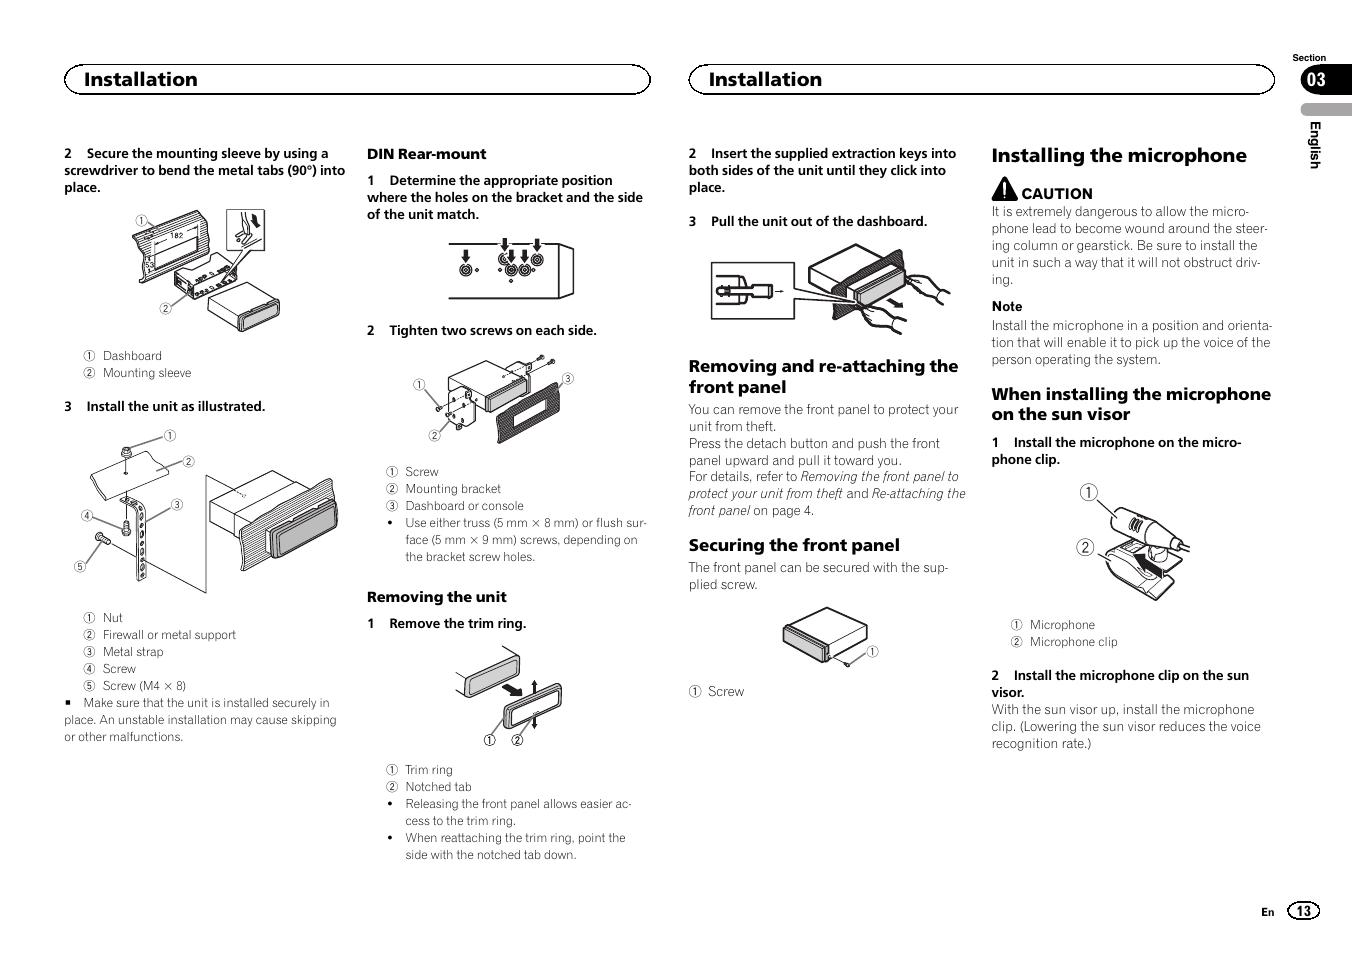 Wunderbar Pionier Deh 12e Schaltplan Bilder - Der Schaltplan ...